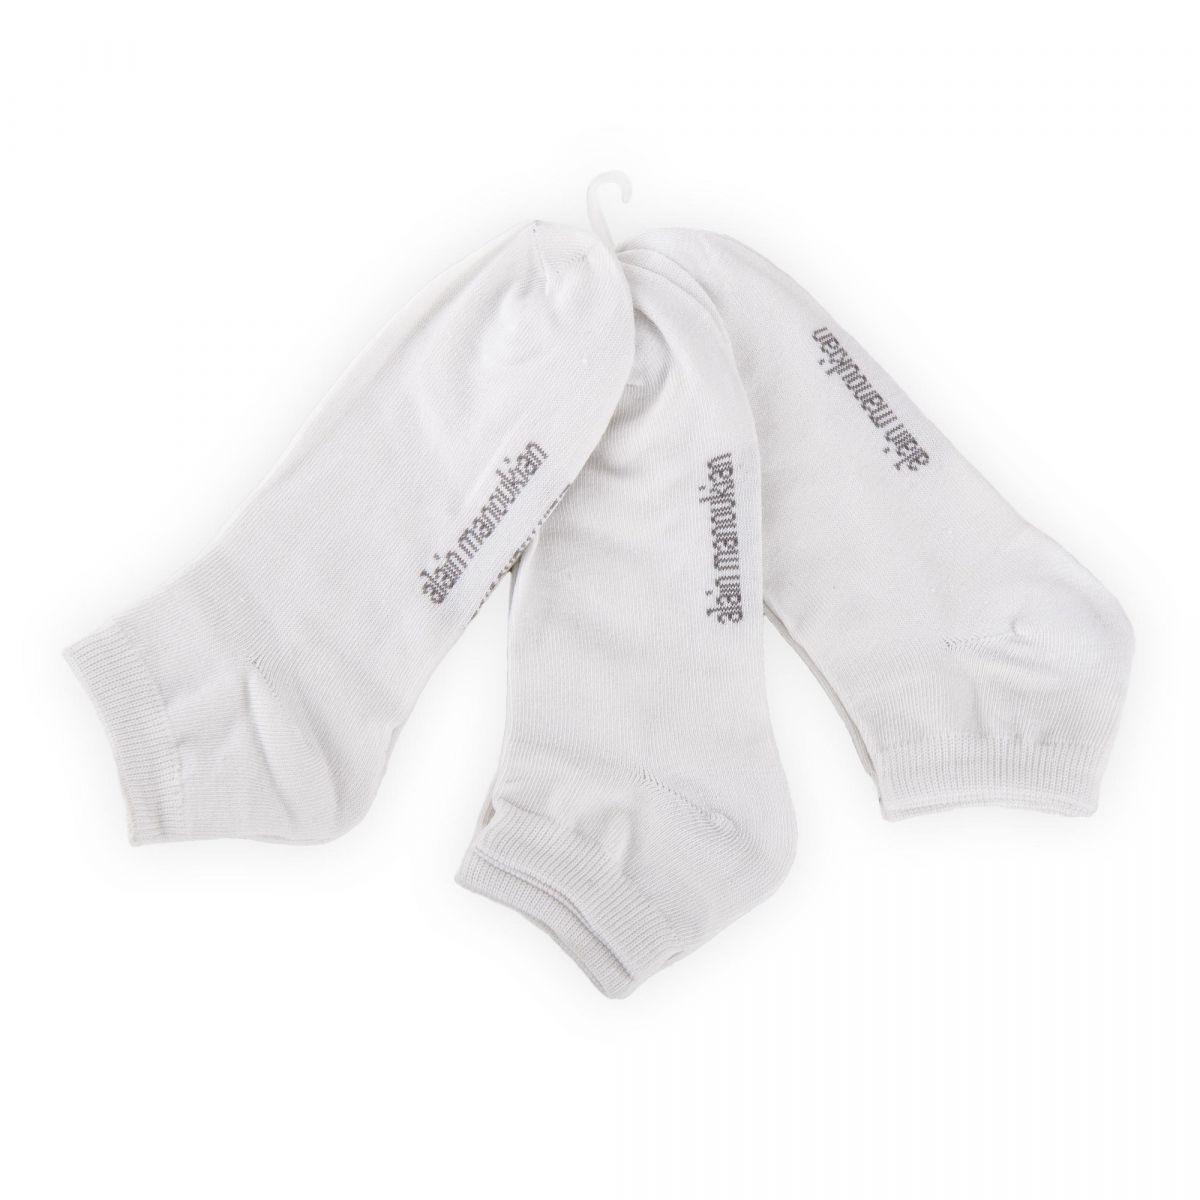 lot de 3 paires de chaussettes invisibles homme manoukian. Black Bedroom Furniture Sets. Home Design Ideas